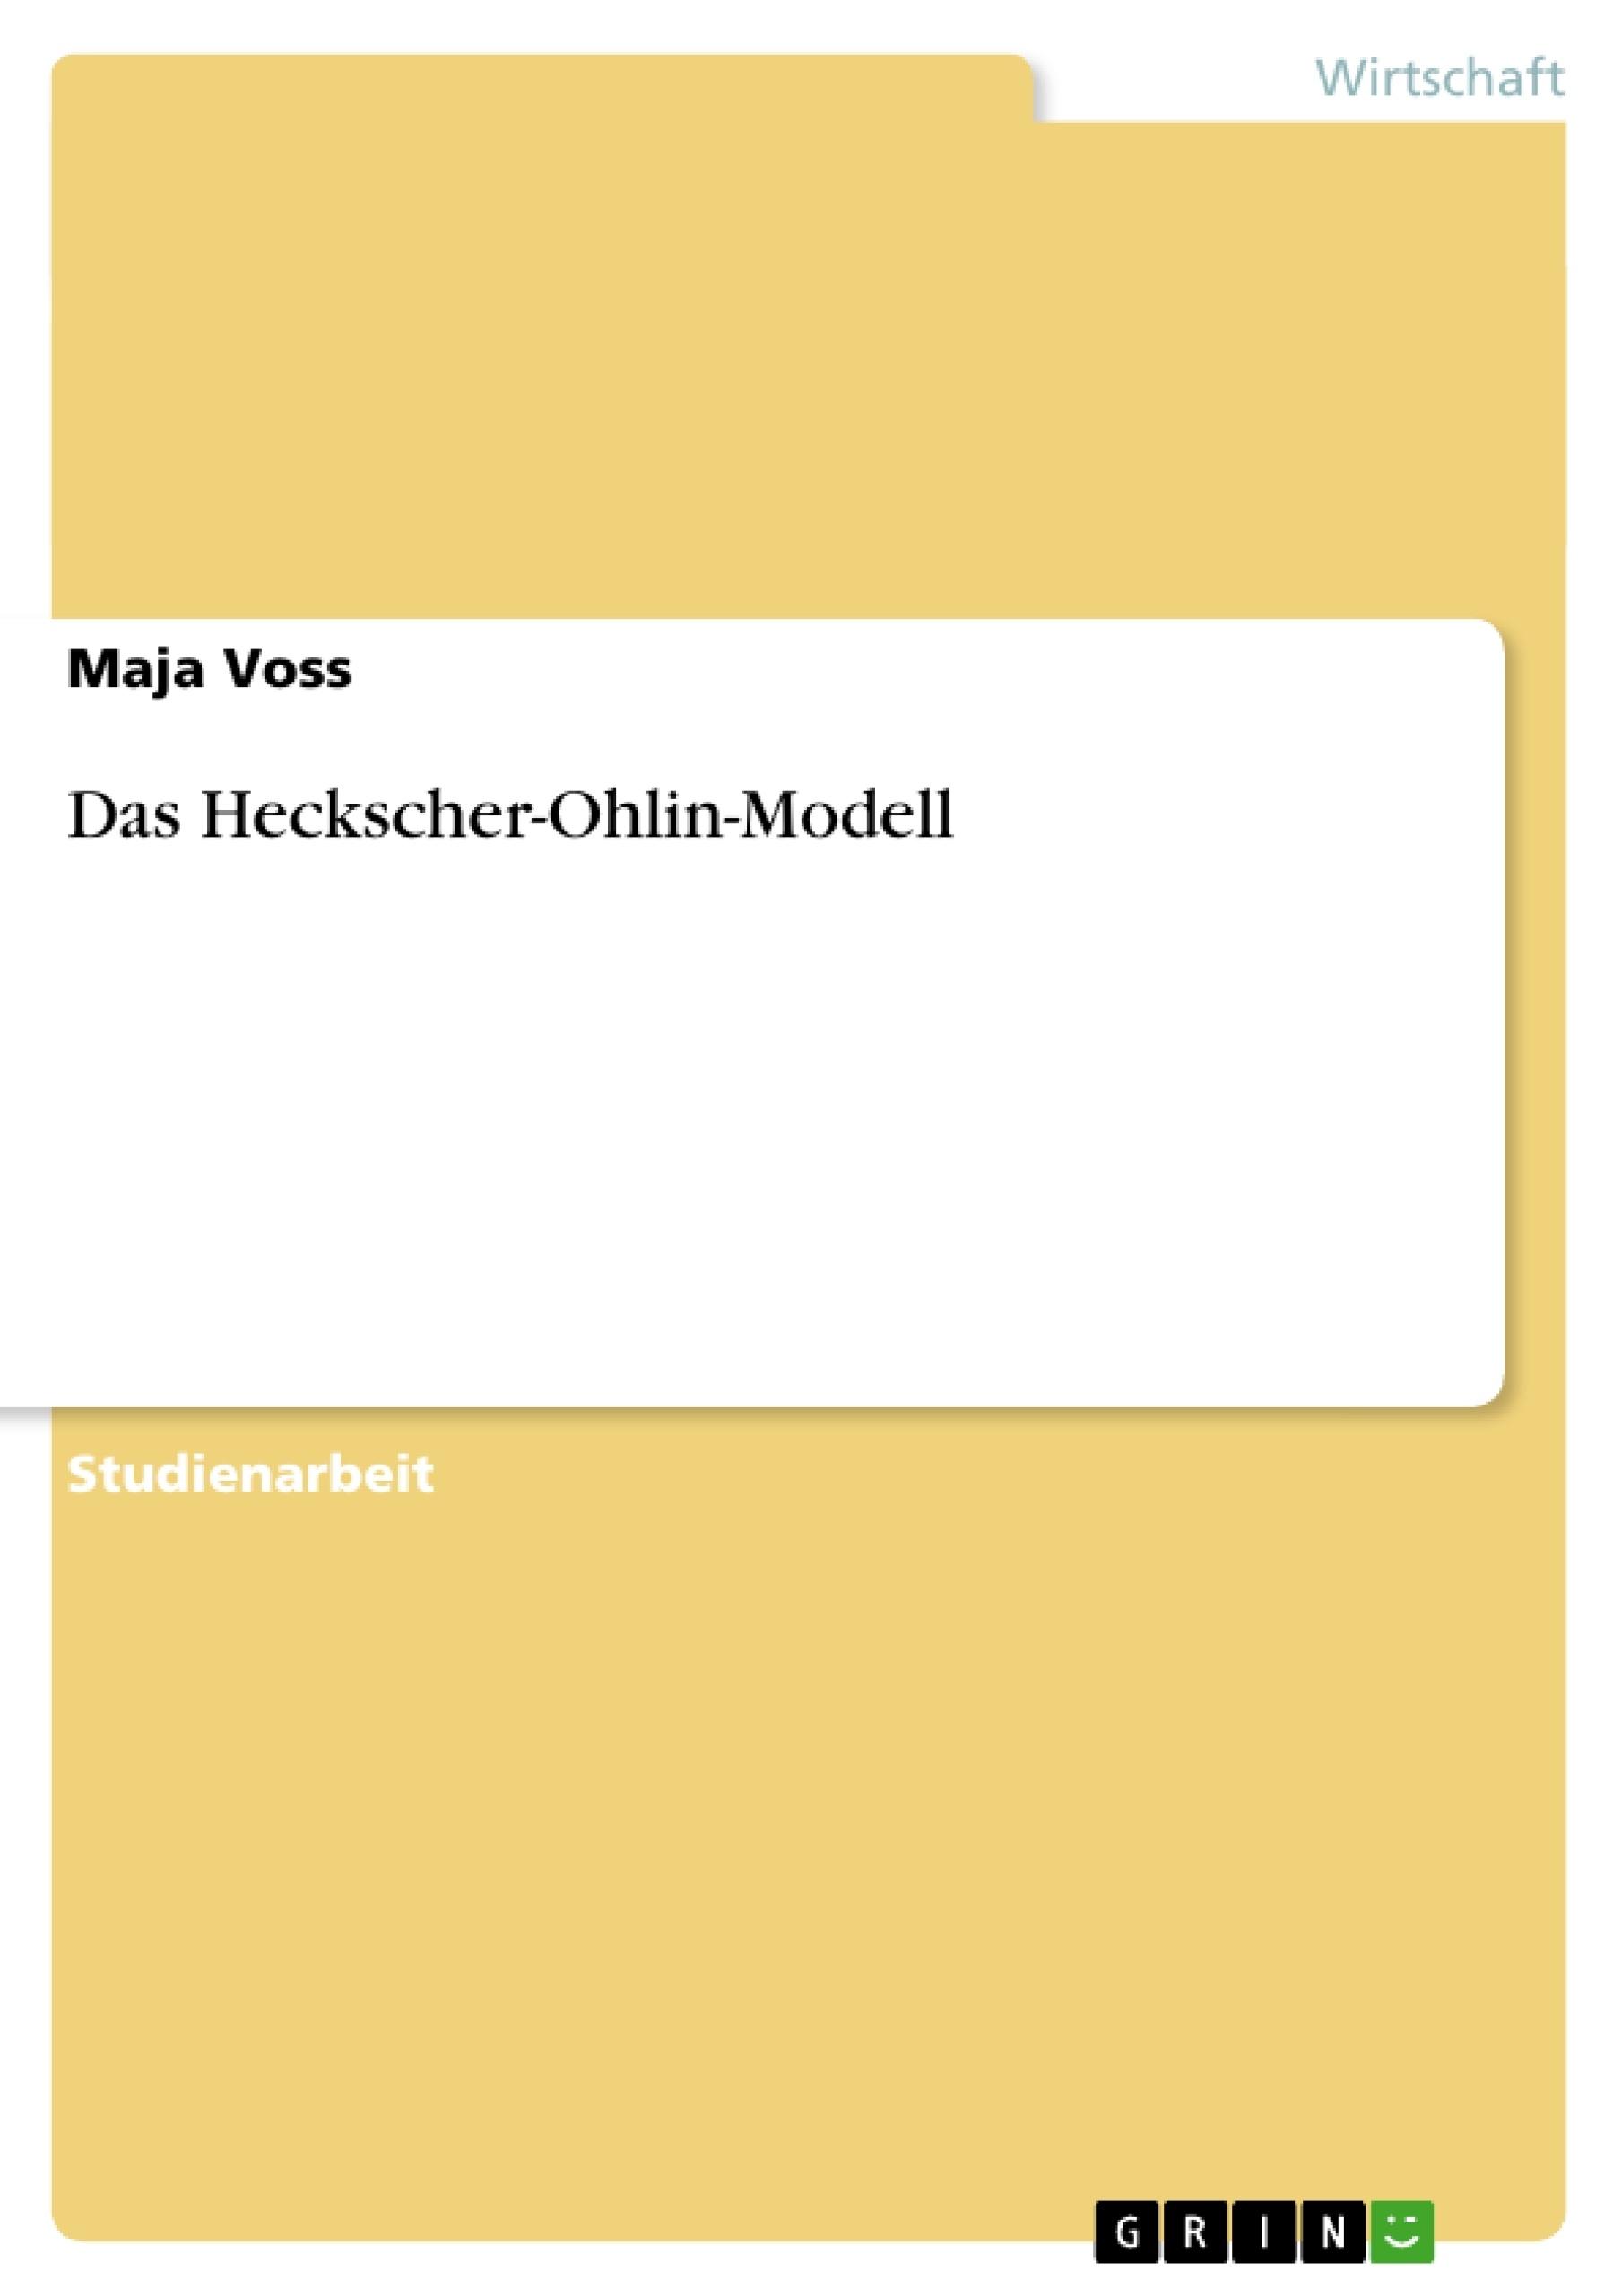 Titel: Das Heckscher-Ohlin-Modell